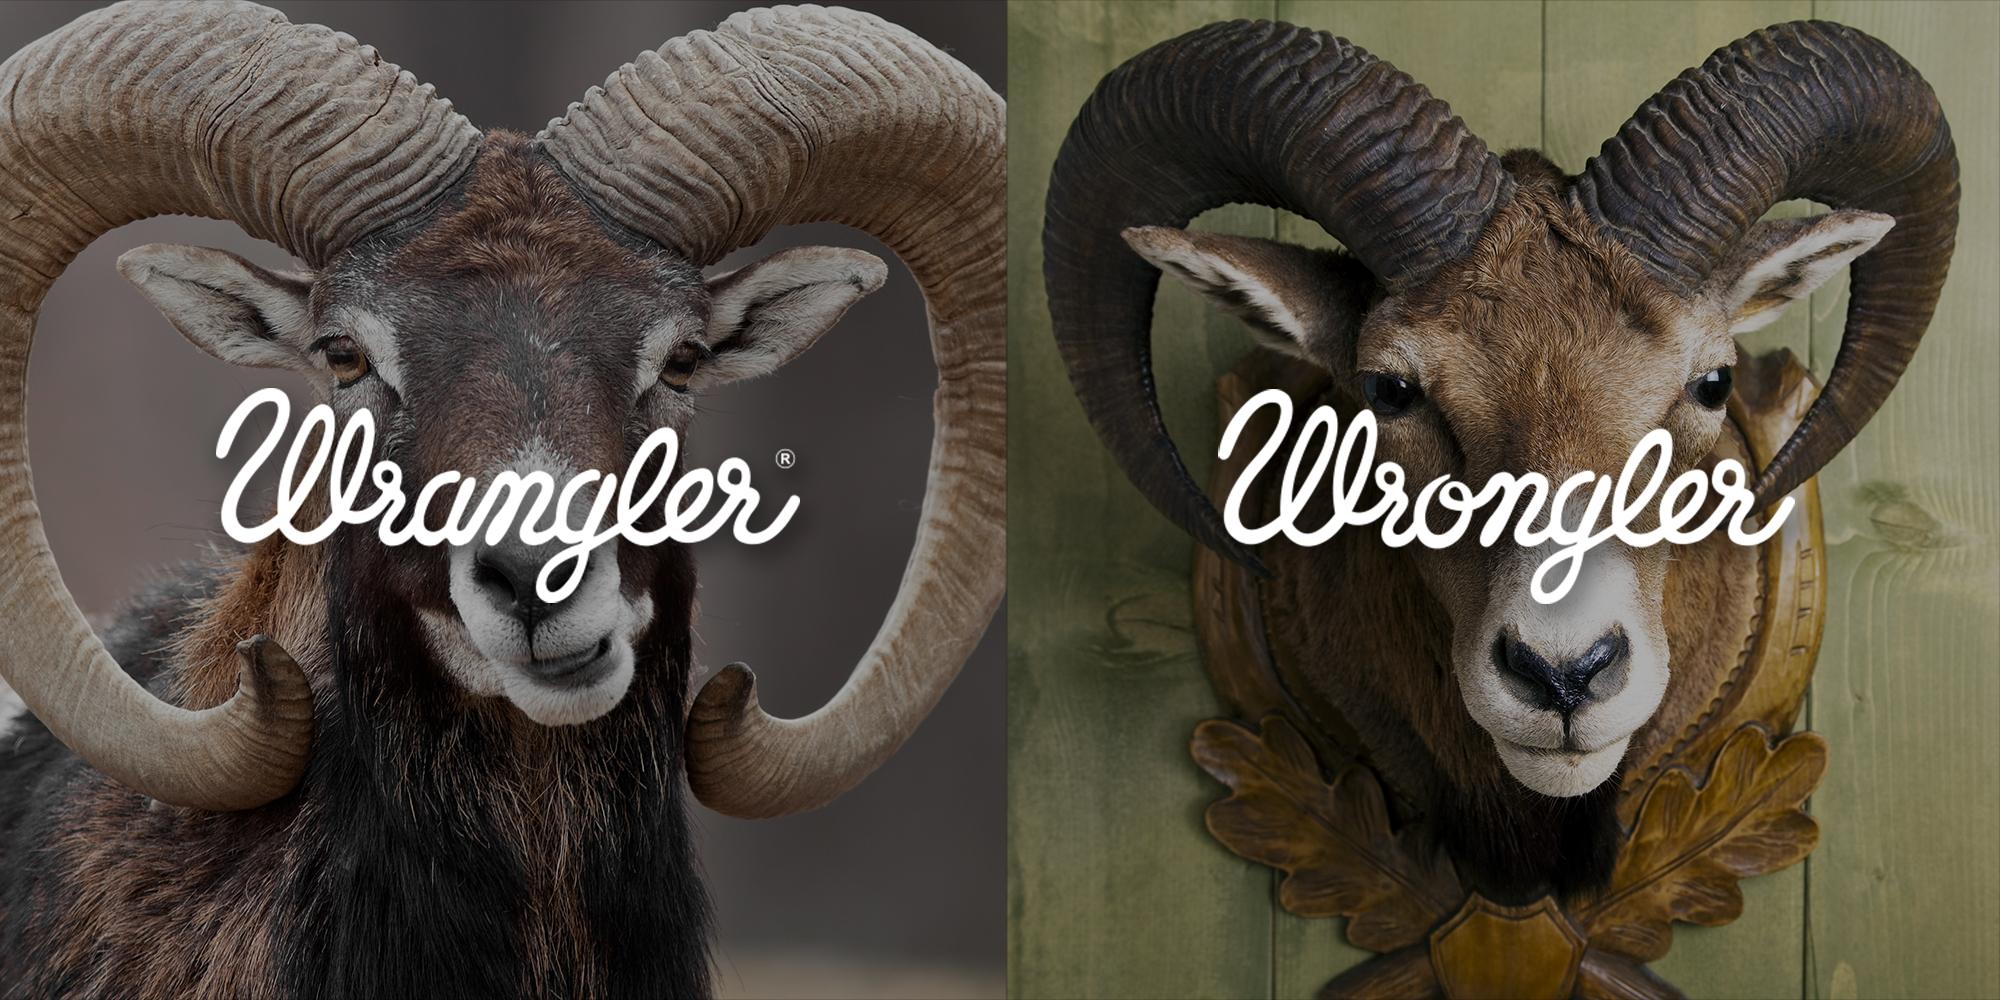 WRANGLER_WRONGLER__0001_13